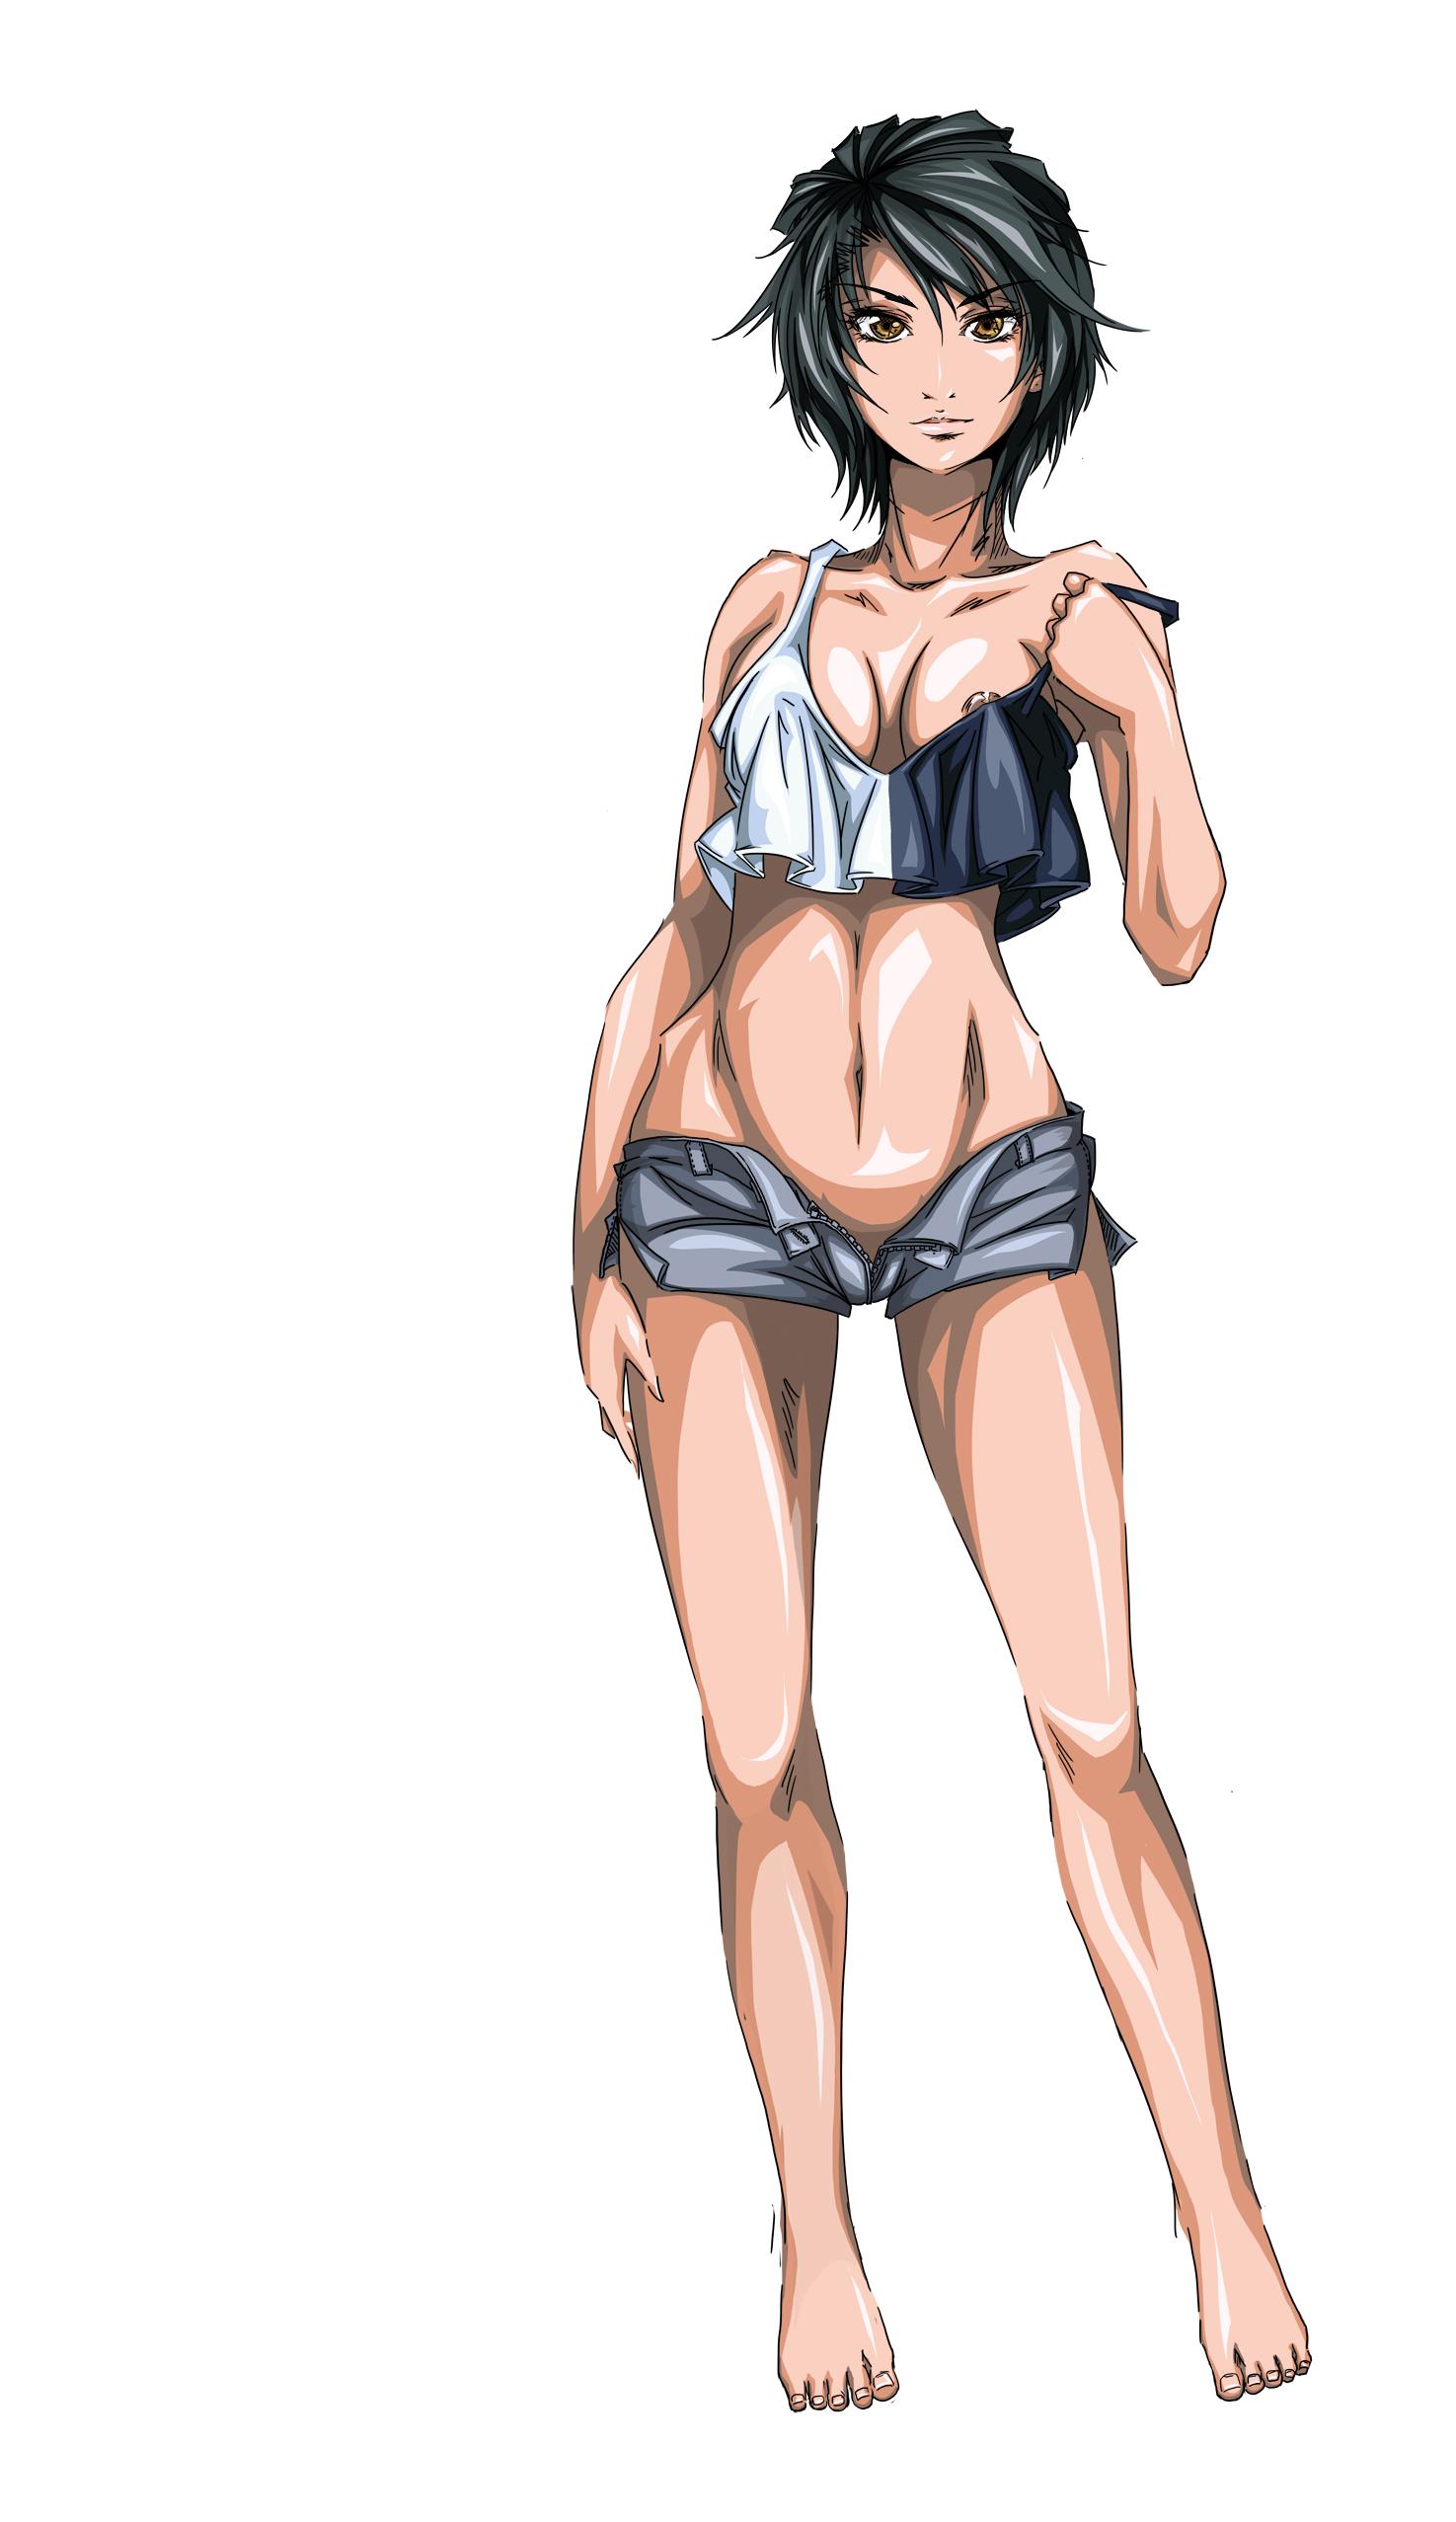 A2 Hentai yukiko minase a2agacross on deviantart